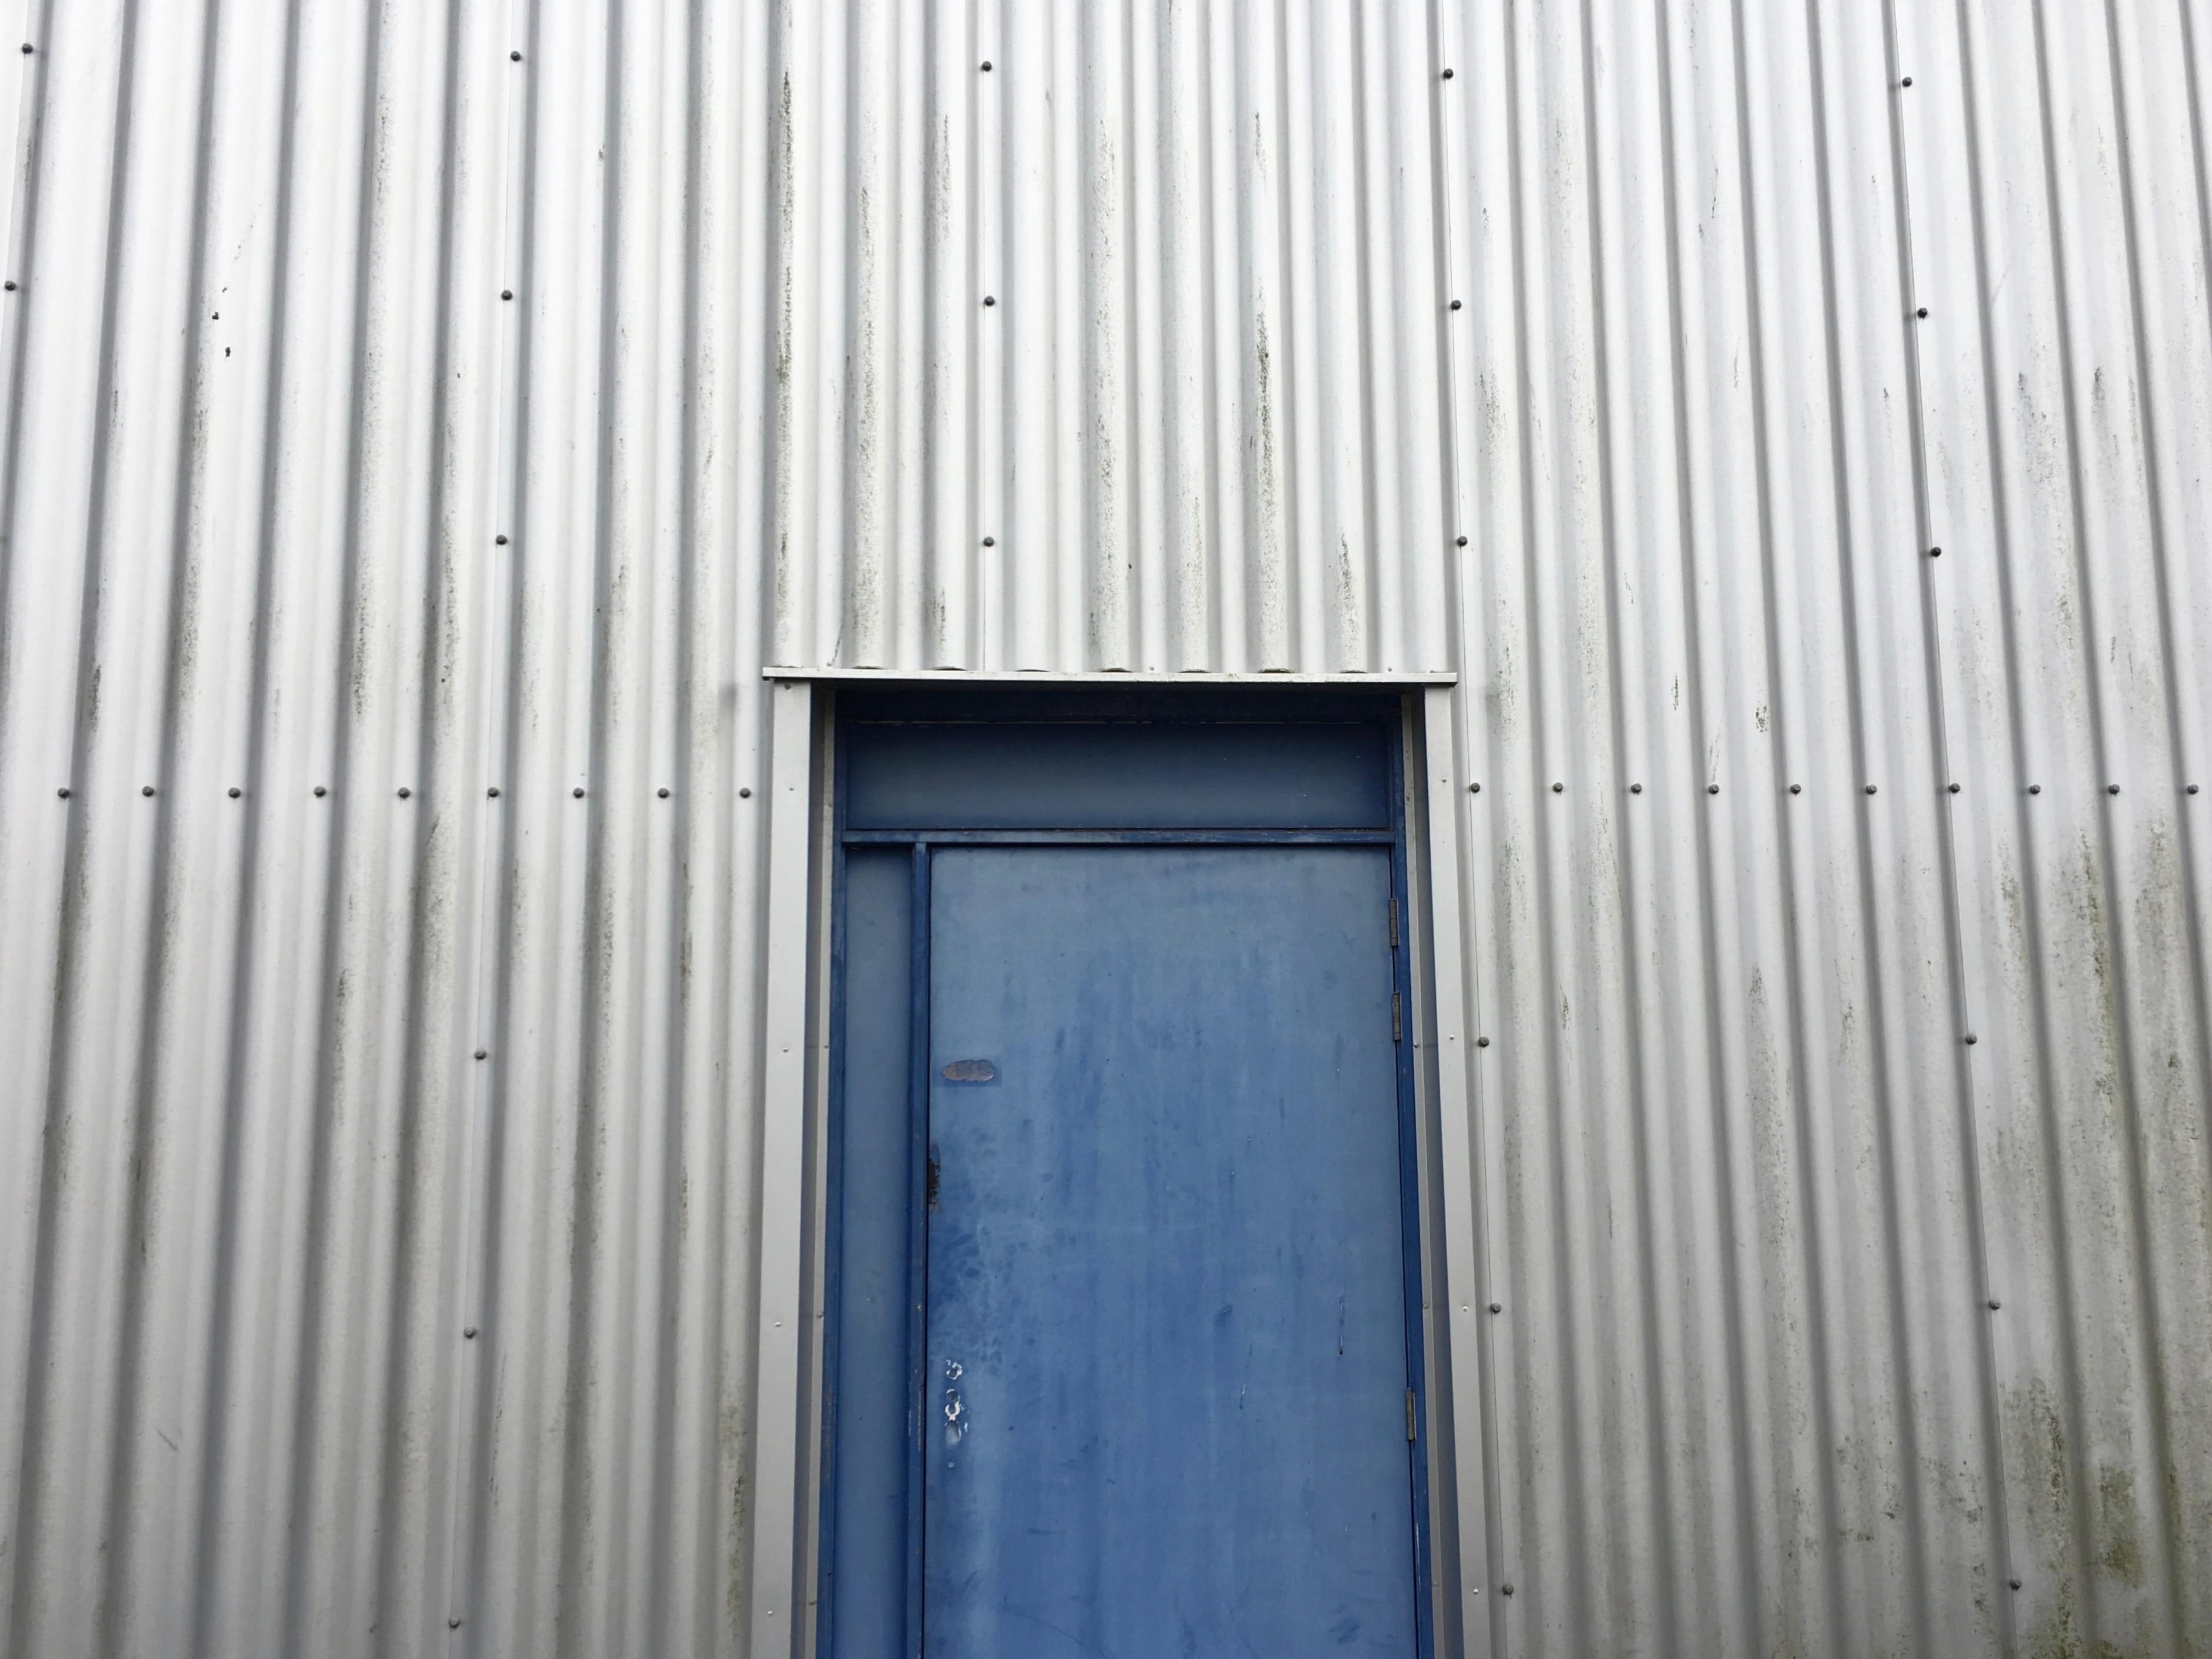 TE-SERIE-DOORS-IMG_1719.JPG